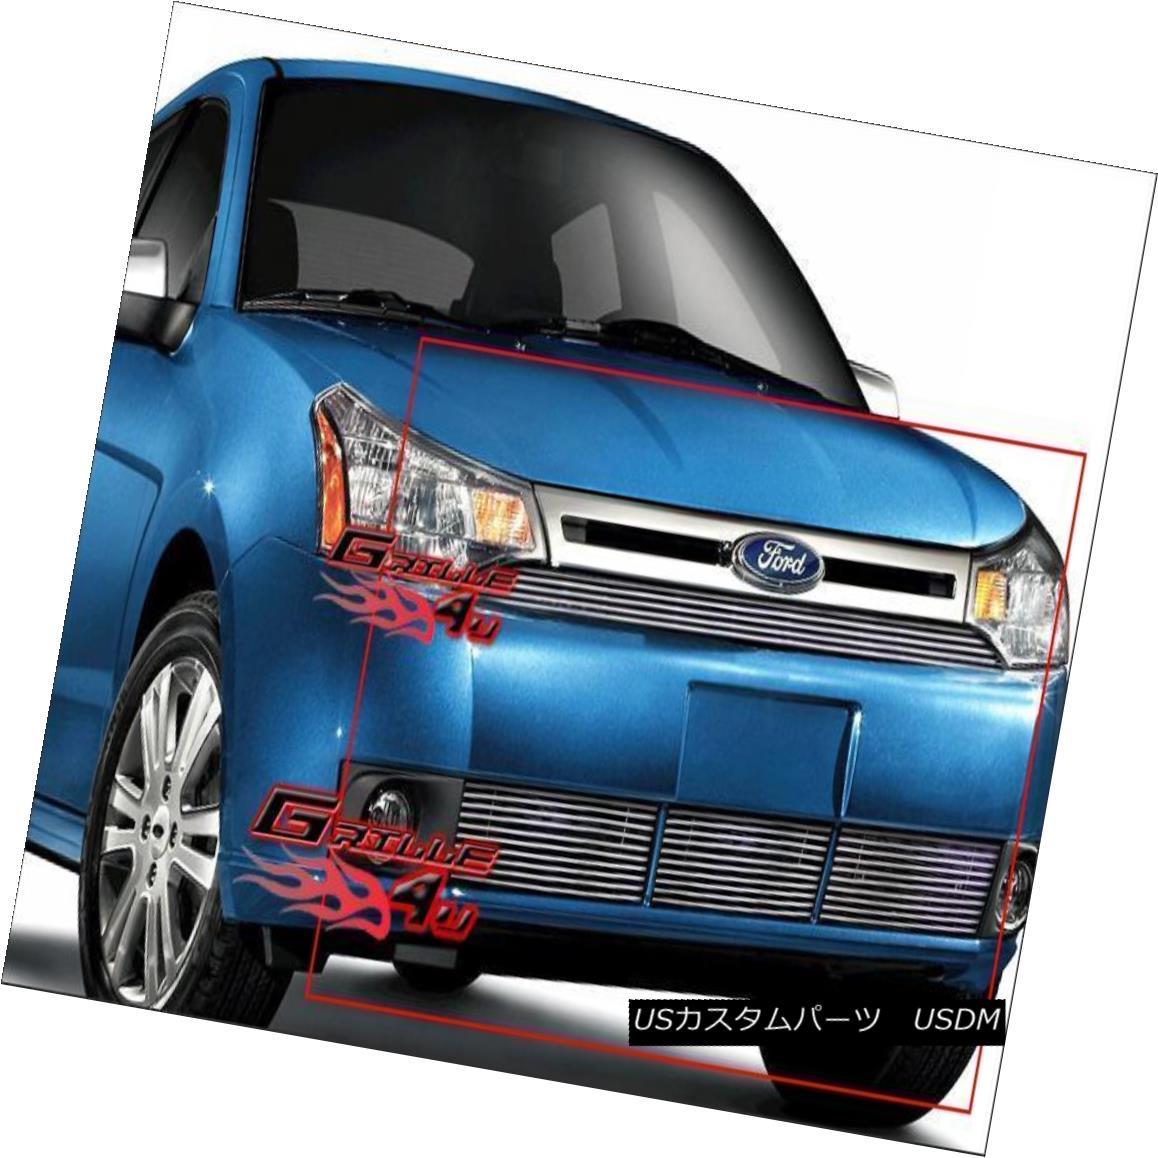 グリル Fits 08-11 2011 Ford Focus Sedan Billet Grille Combo フィット2011年08月11日フォードフォーカスセダンビレットグリルコンボ